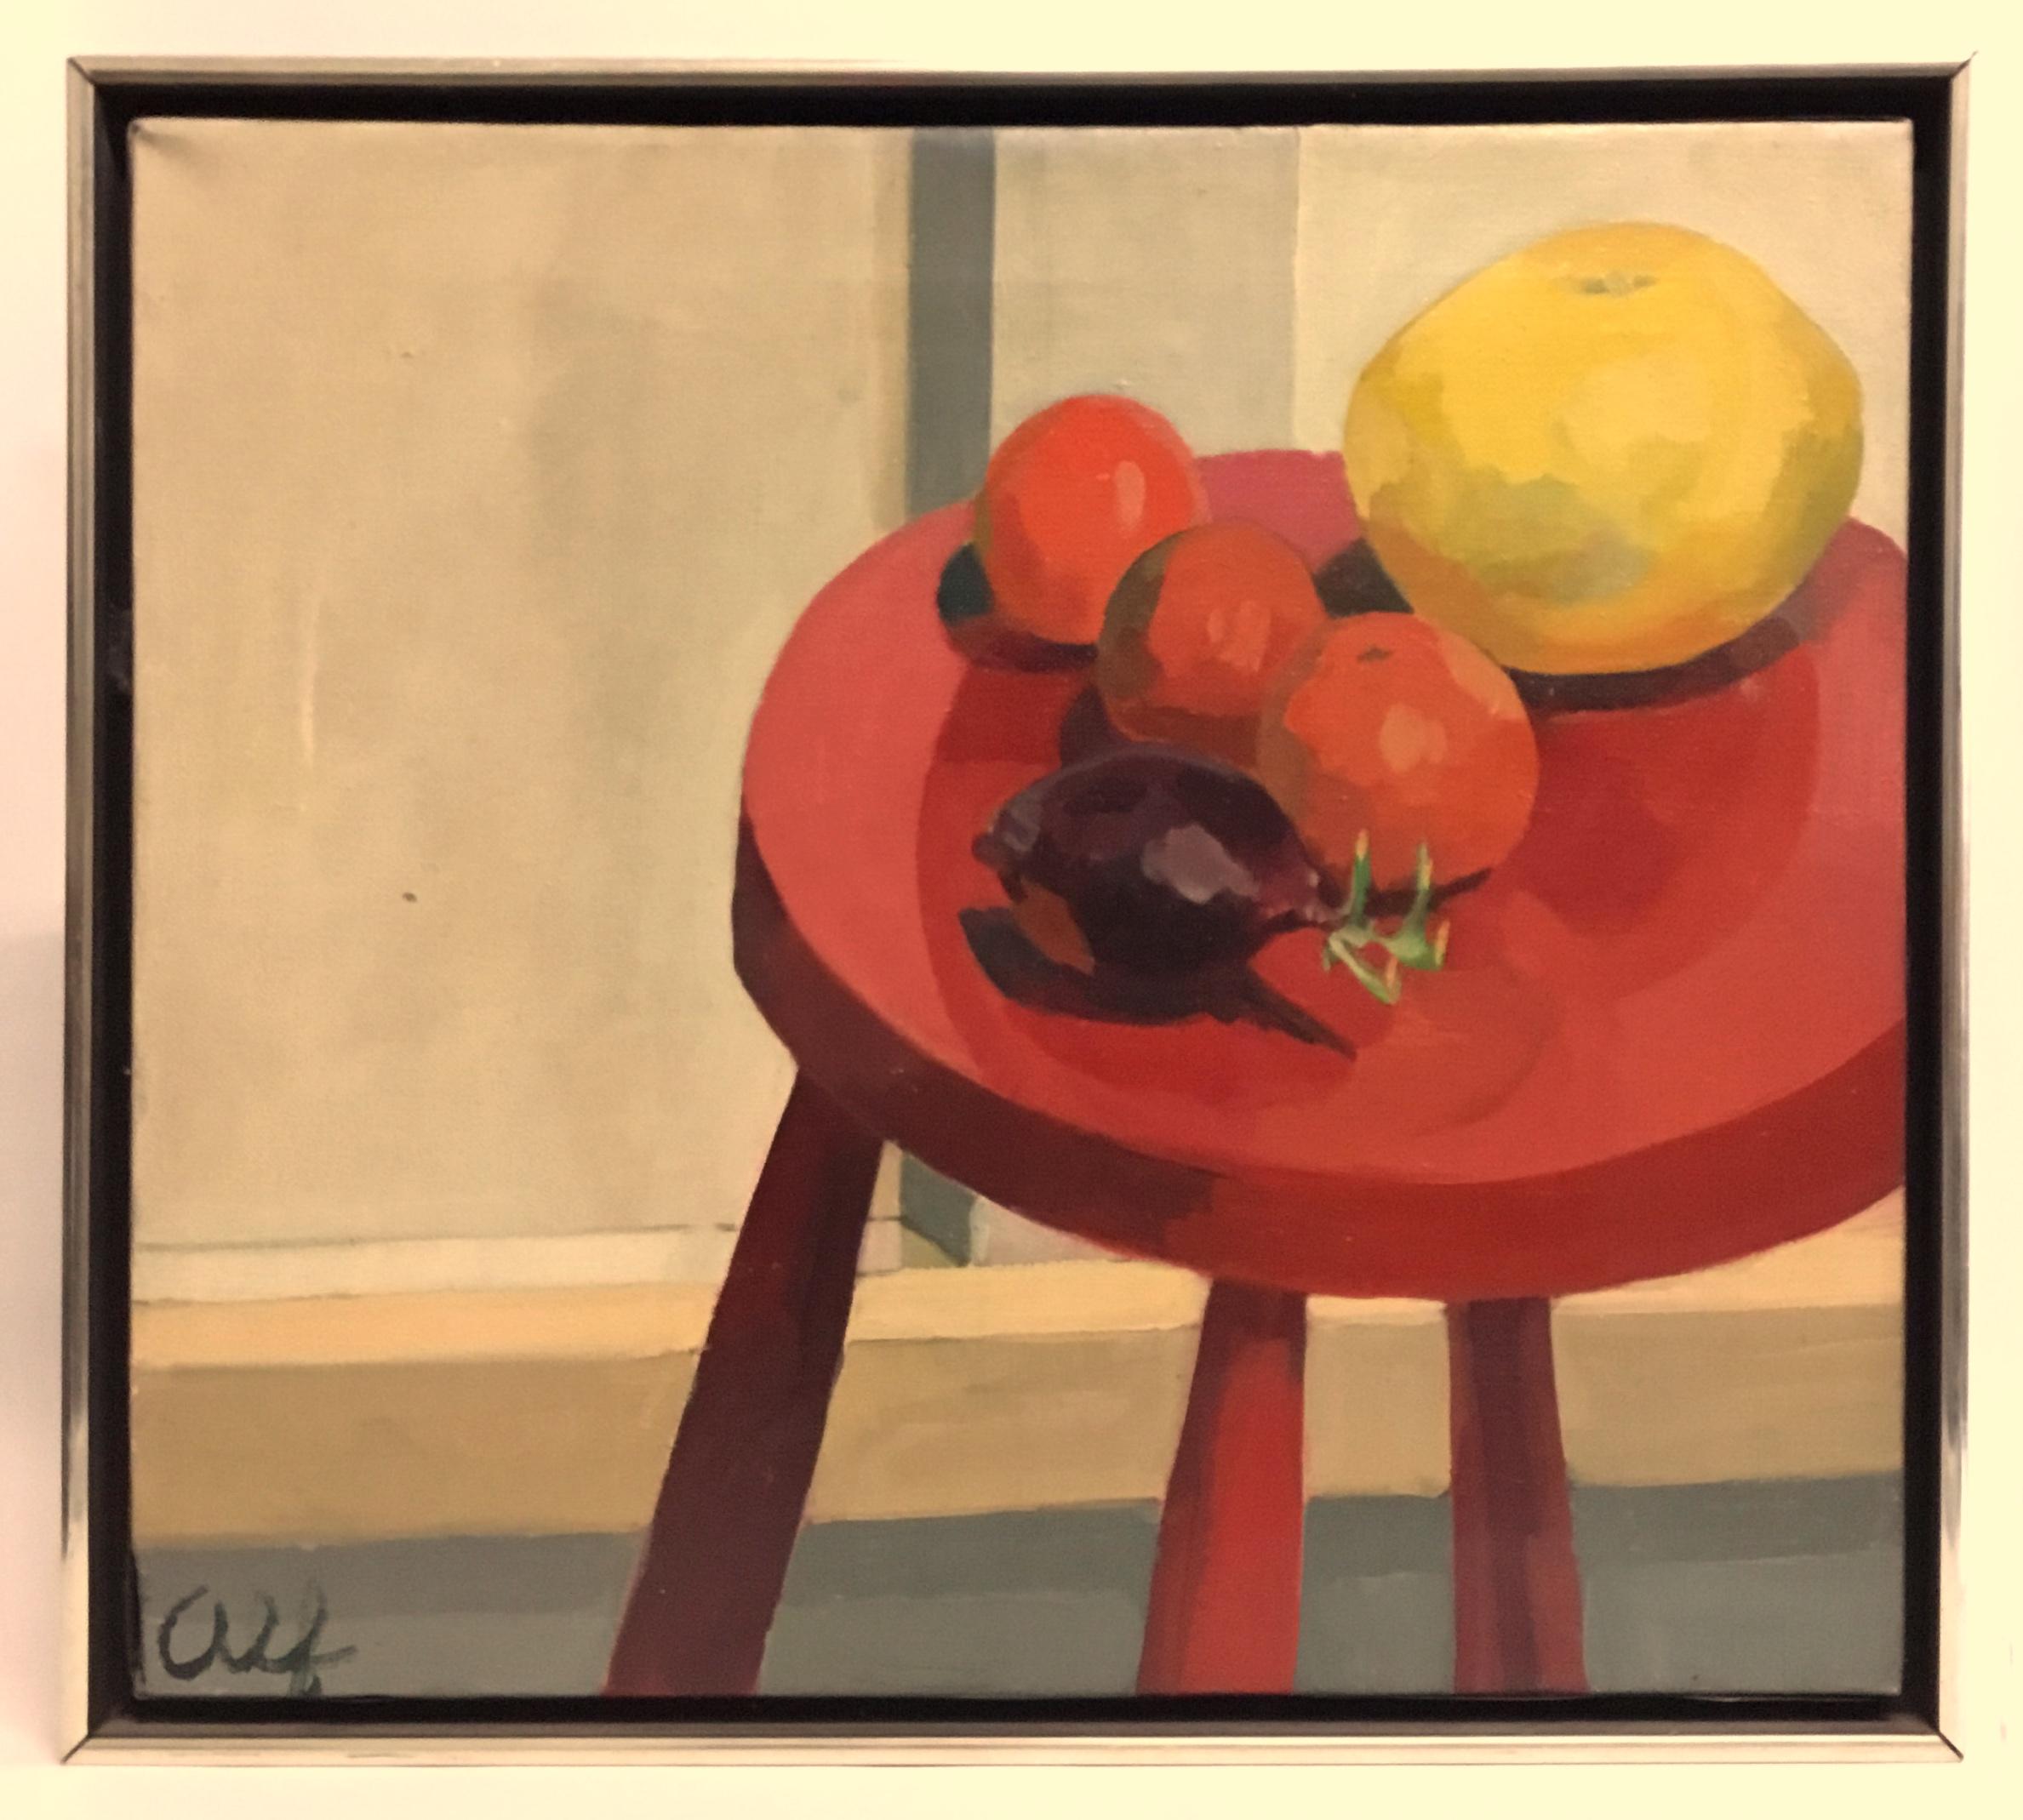 Still life oil on canvas by Alf Svenson